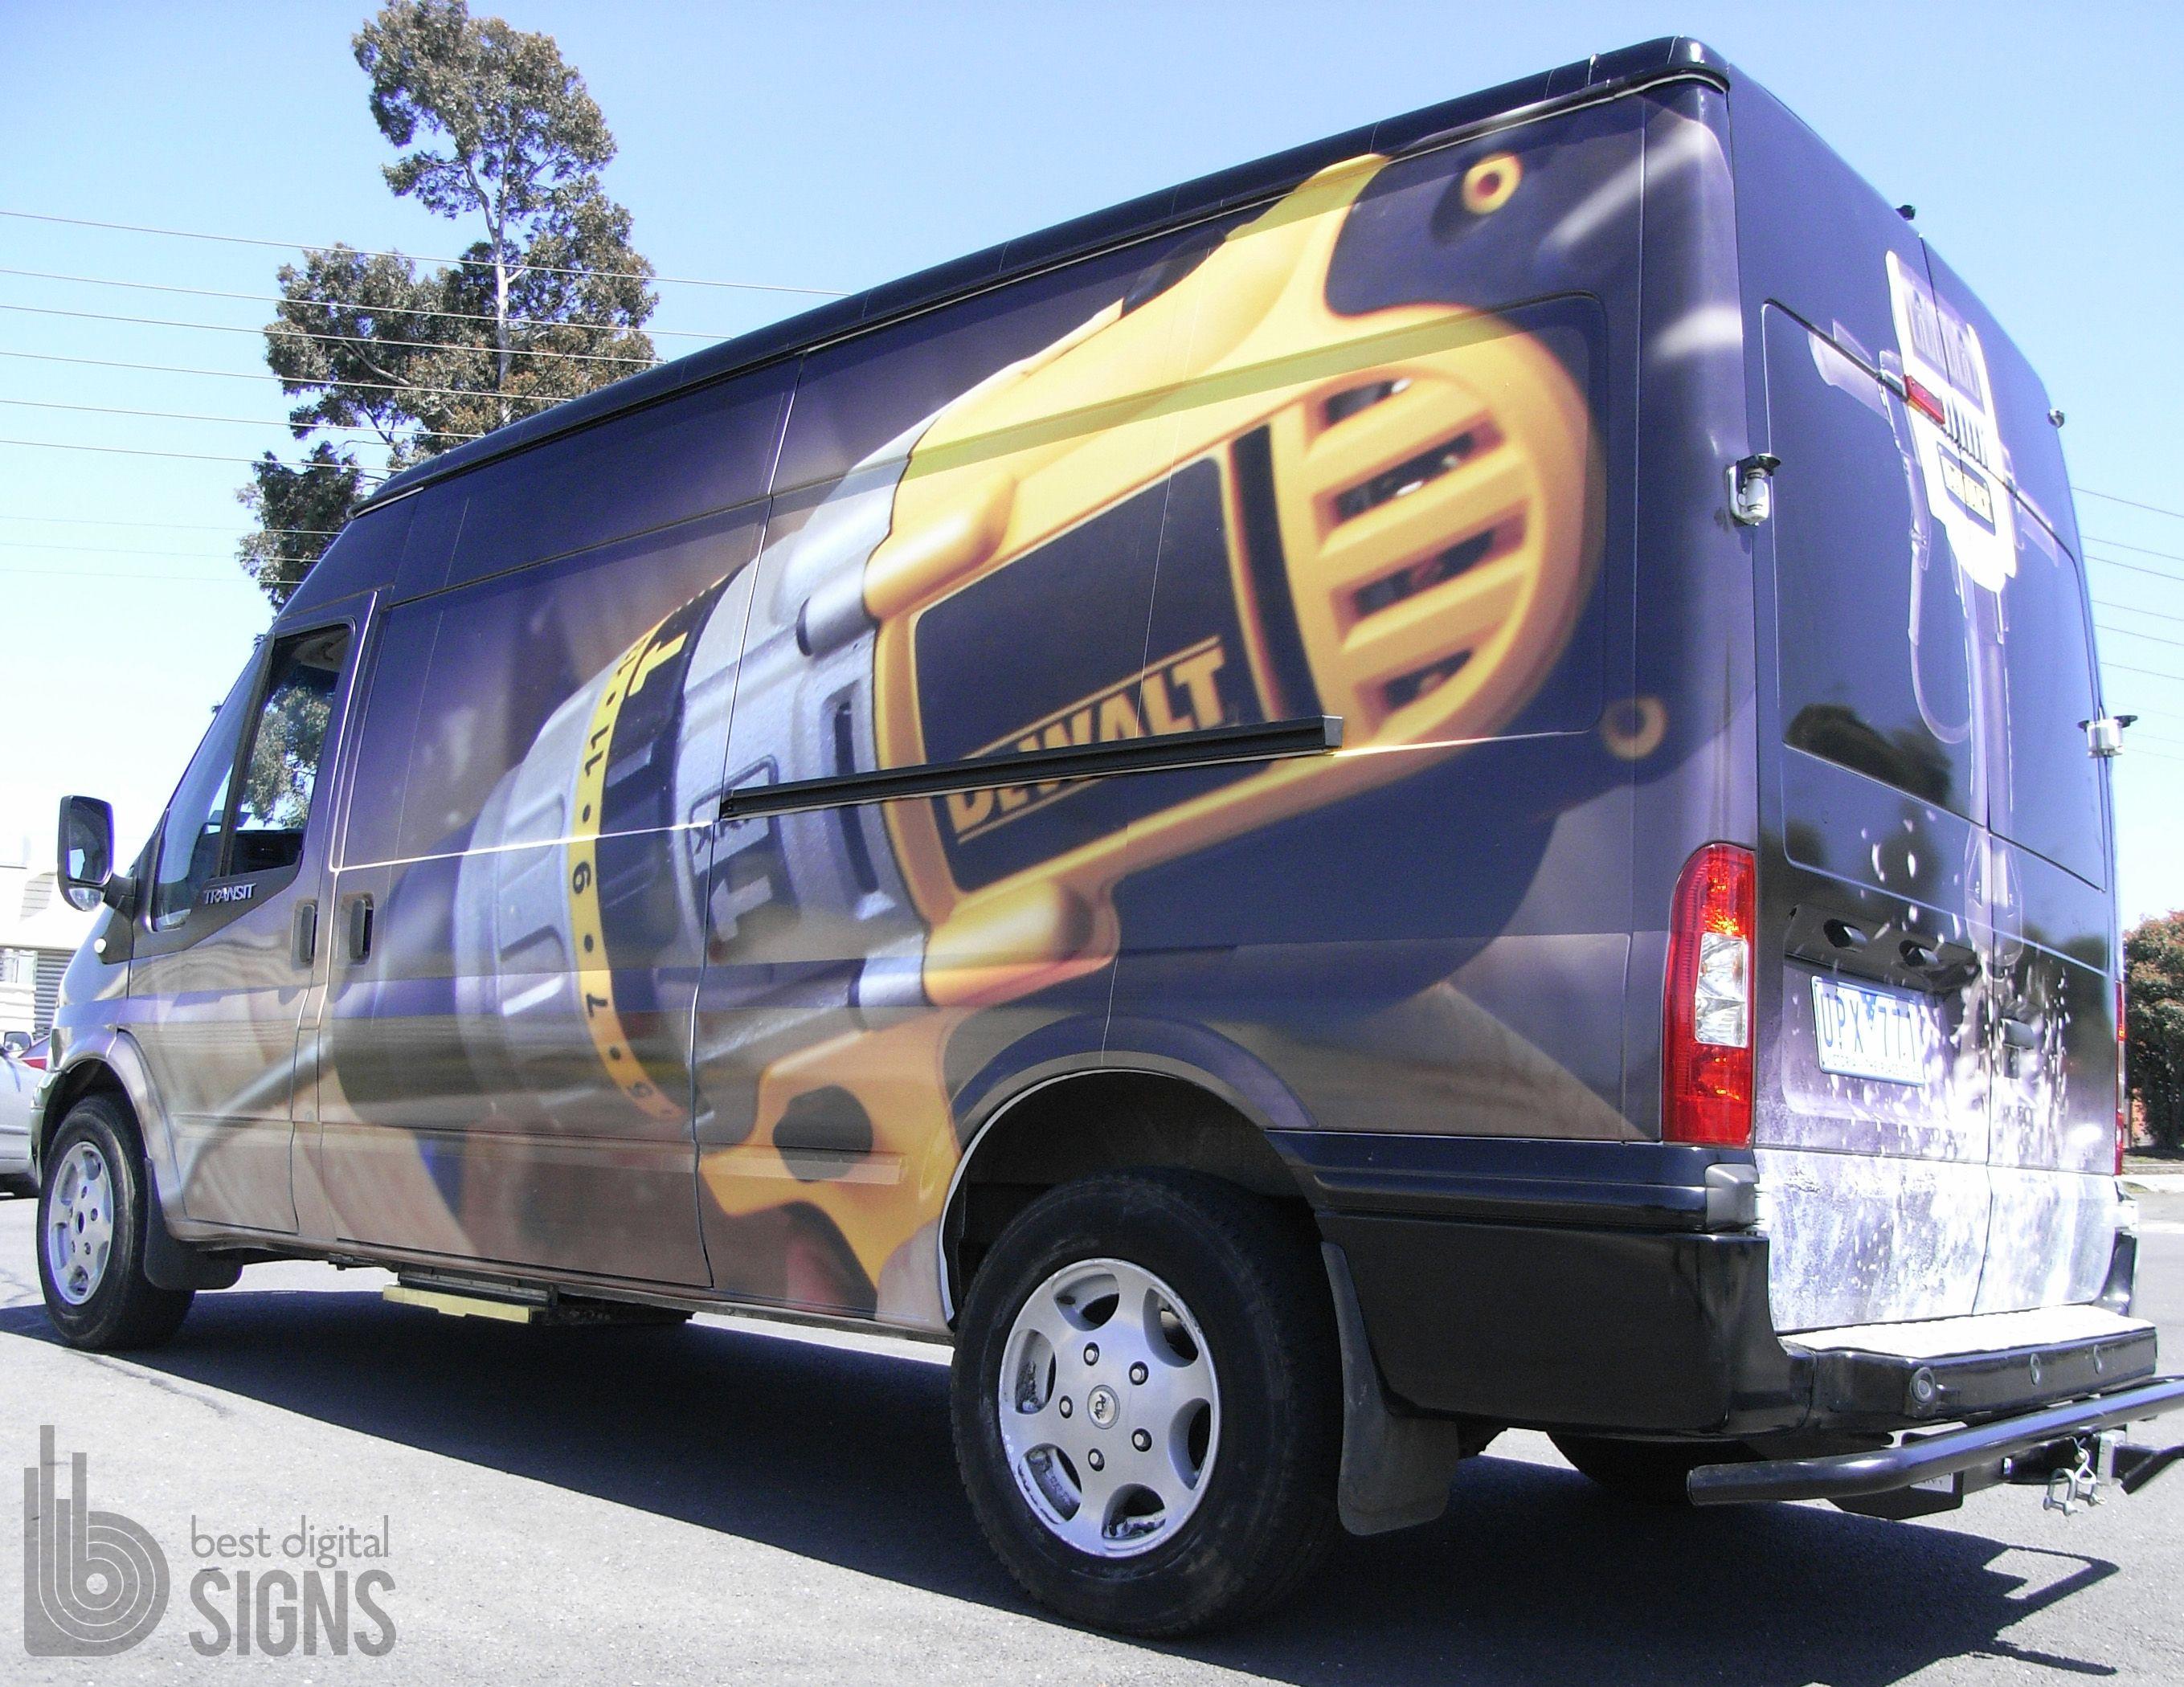 Full Van Vinyl Wrap Best Digital Signs Vinyl Wrap Vans Vinyl